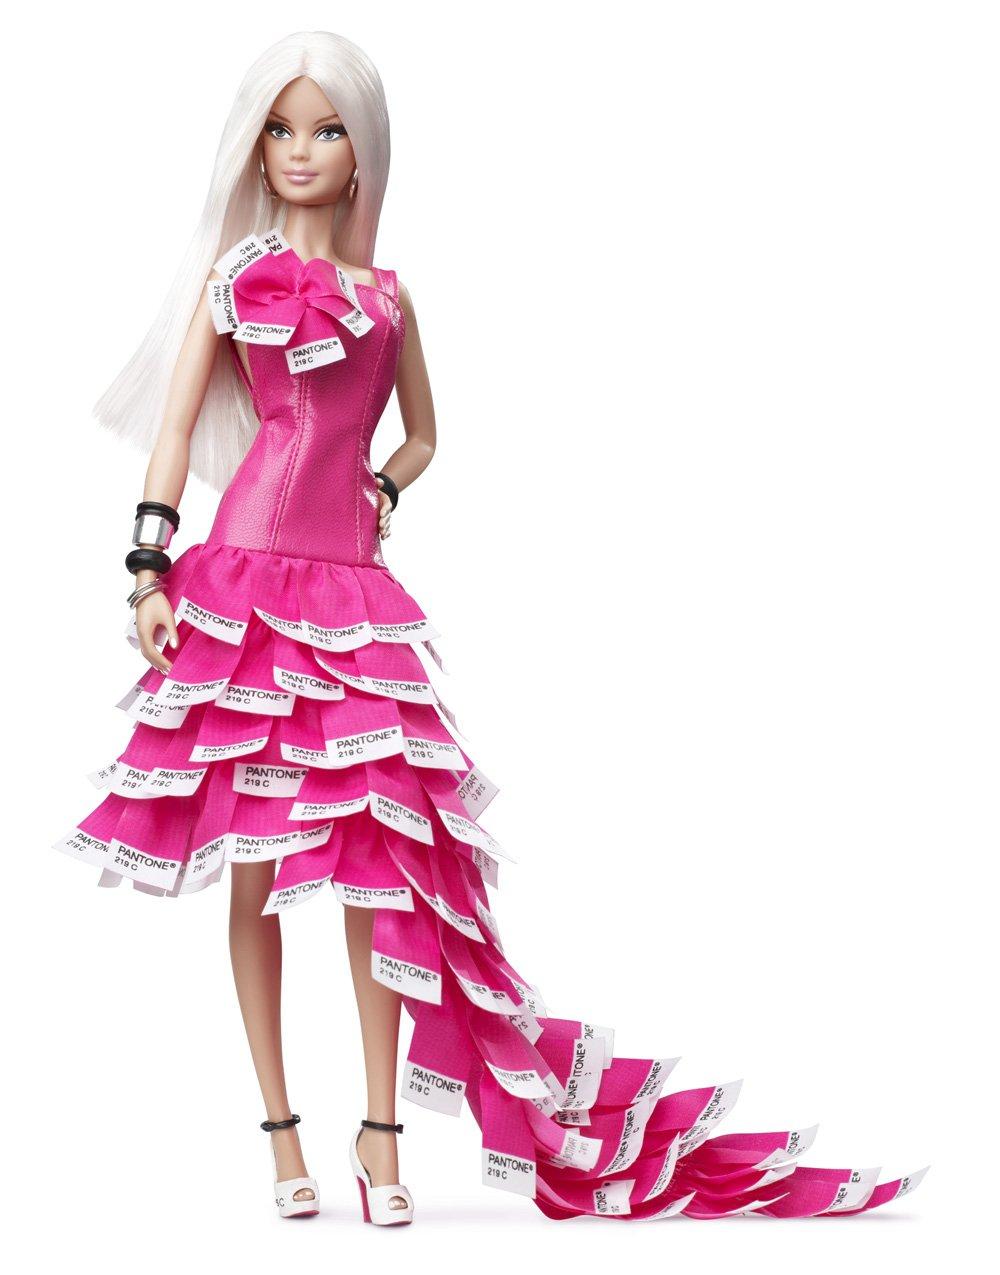 Barbie Collector # W3376 Pink in Pantone als Geschenk